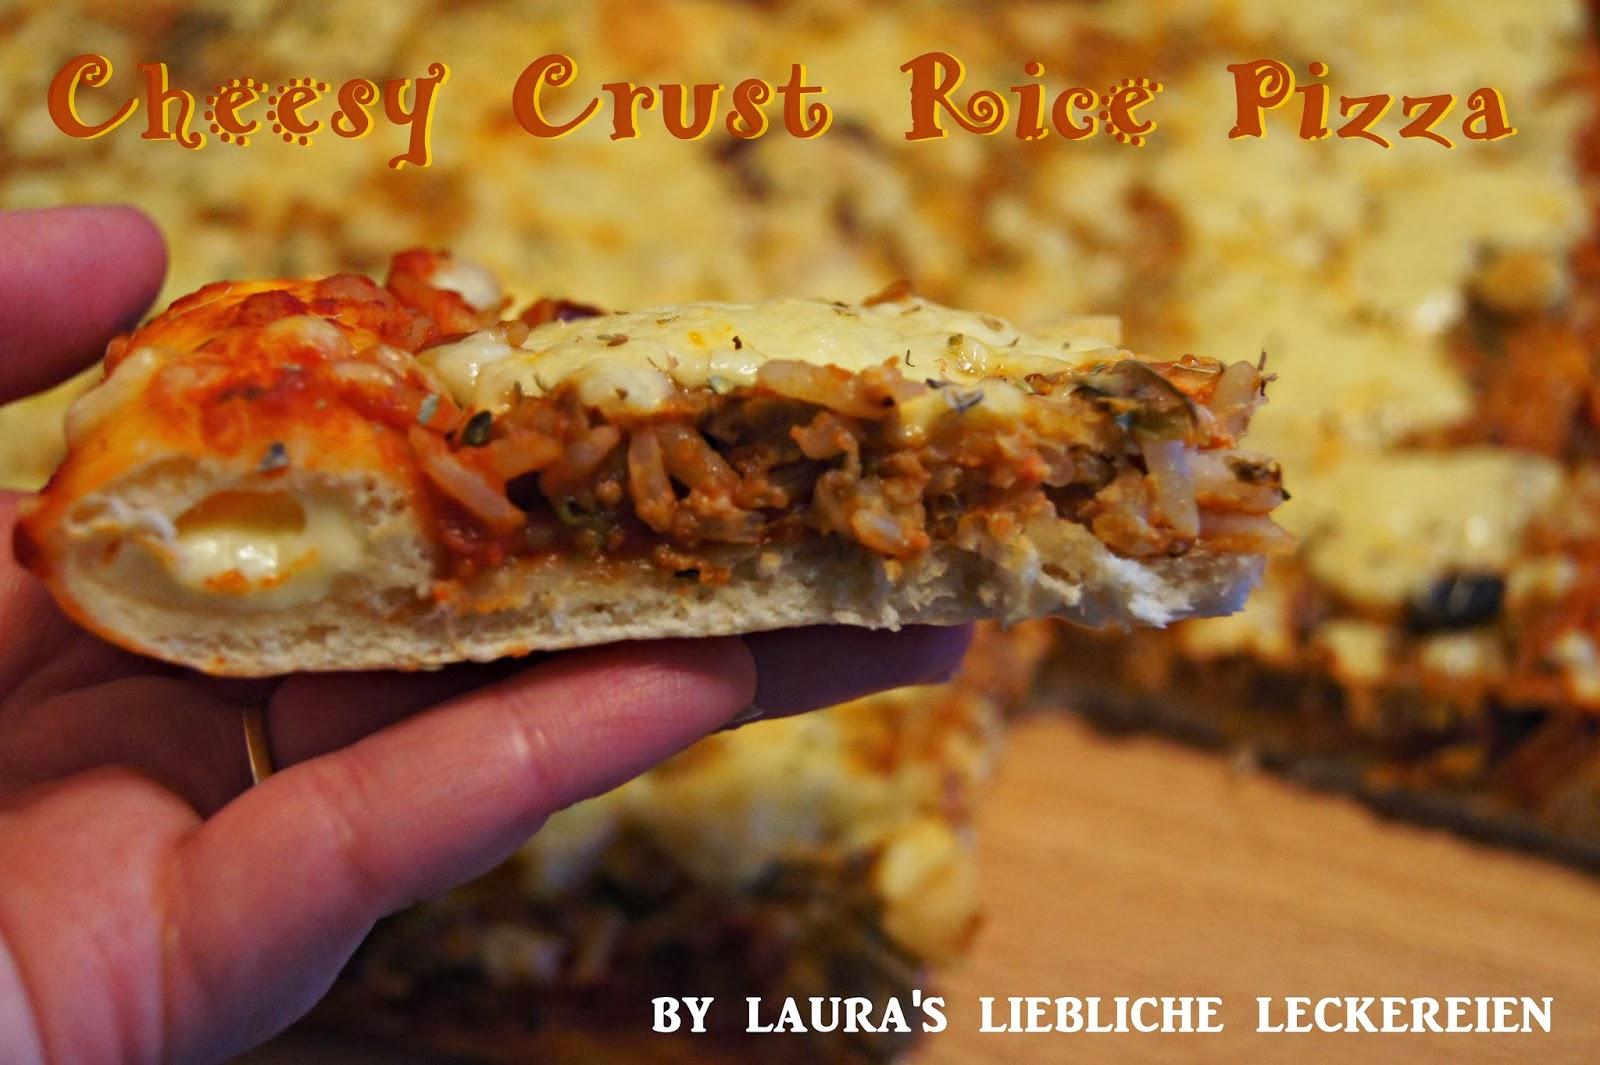 ♥ Laura\'s liebliche Leckereien ♥: ♥ Cheesy Crust Rice Pizza ♥